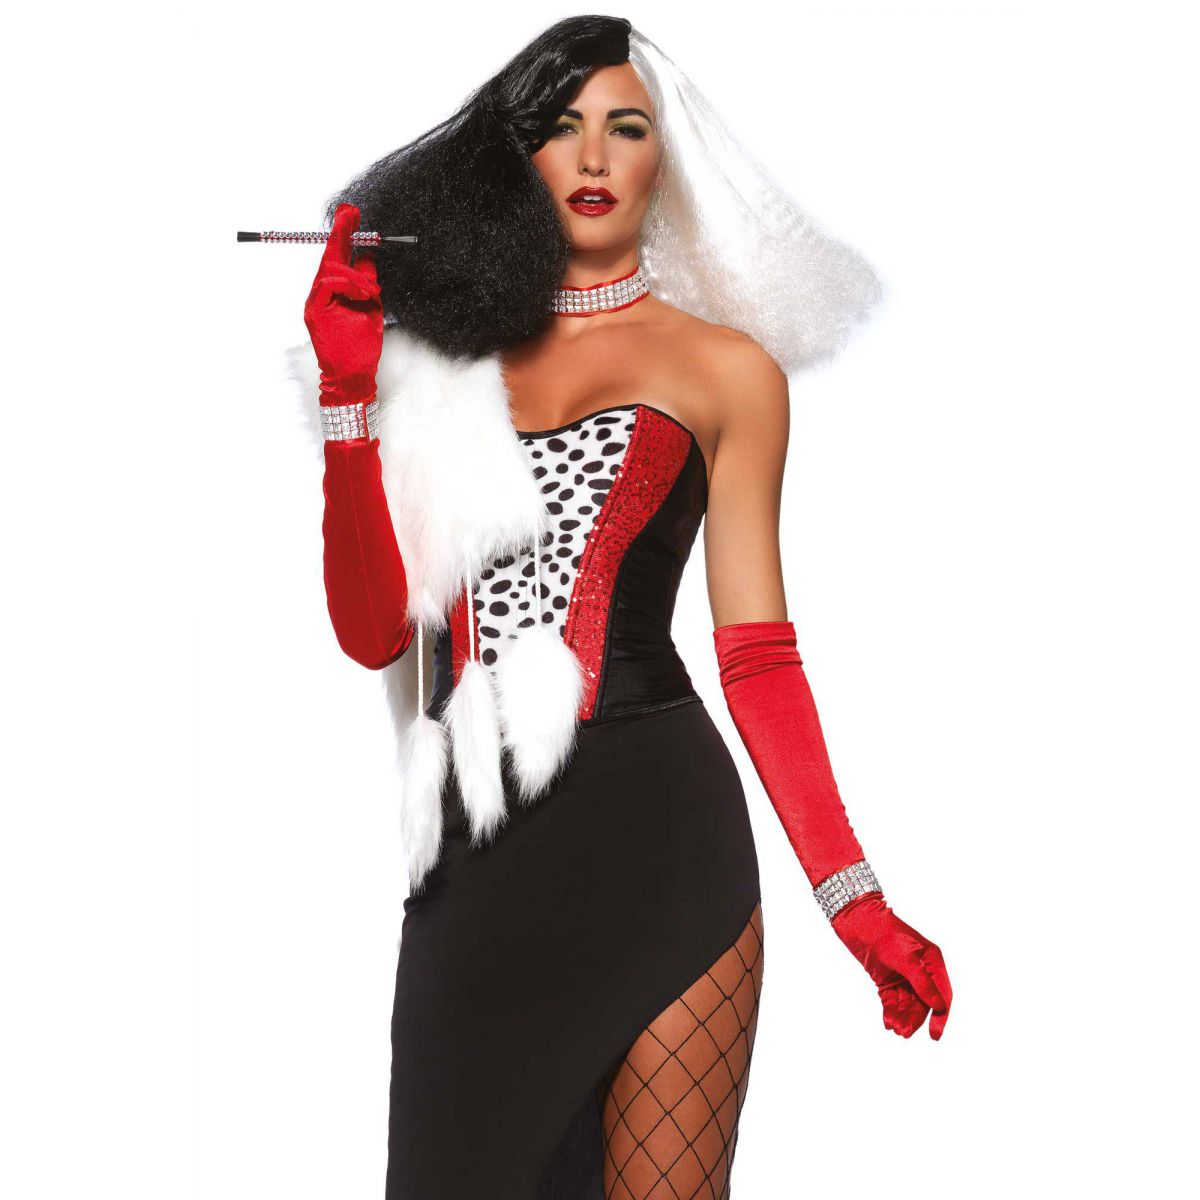 Leg Avenue disfraz sexy cruel diva 101 dálmatas compuesto de 5 piezas